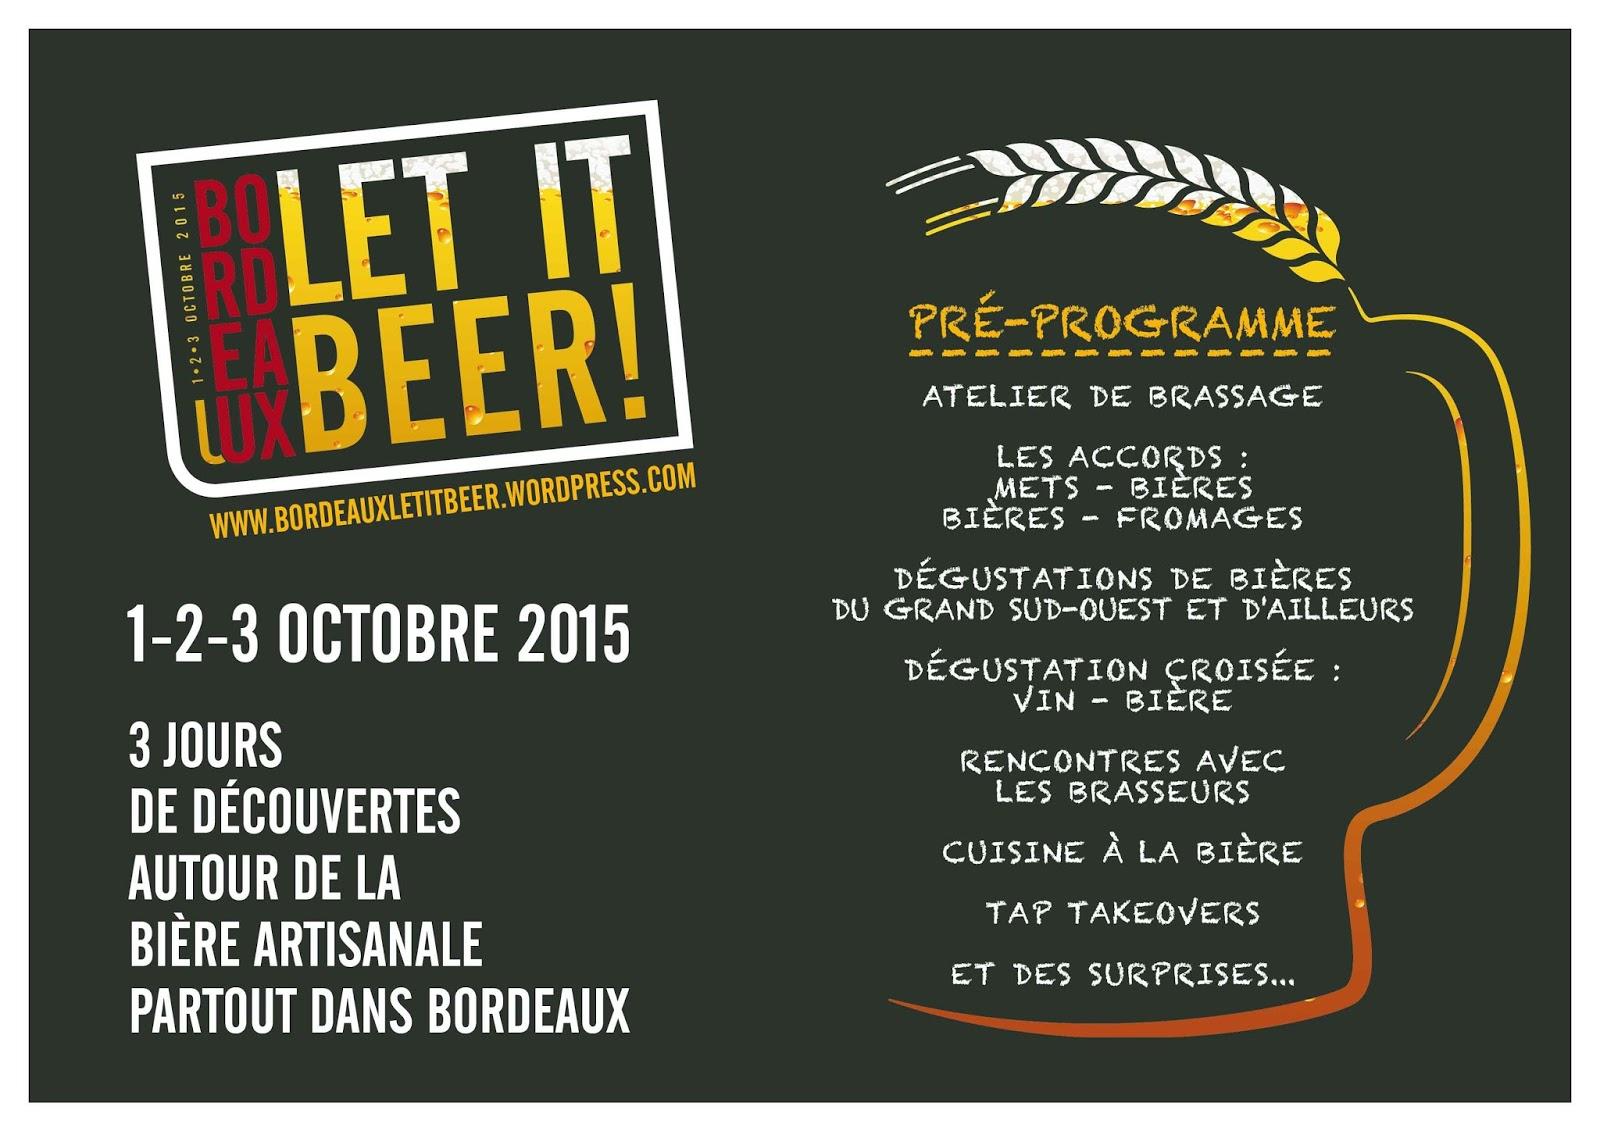 let it beer bordeaux